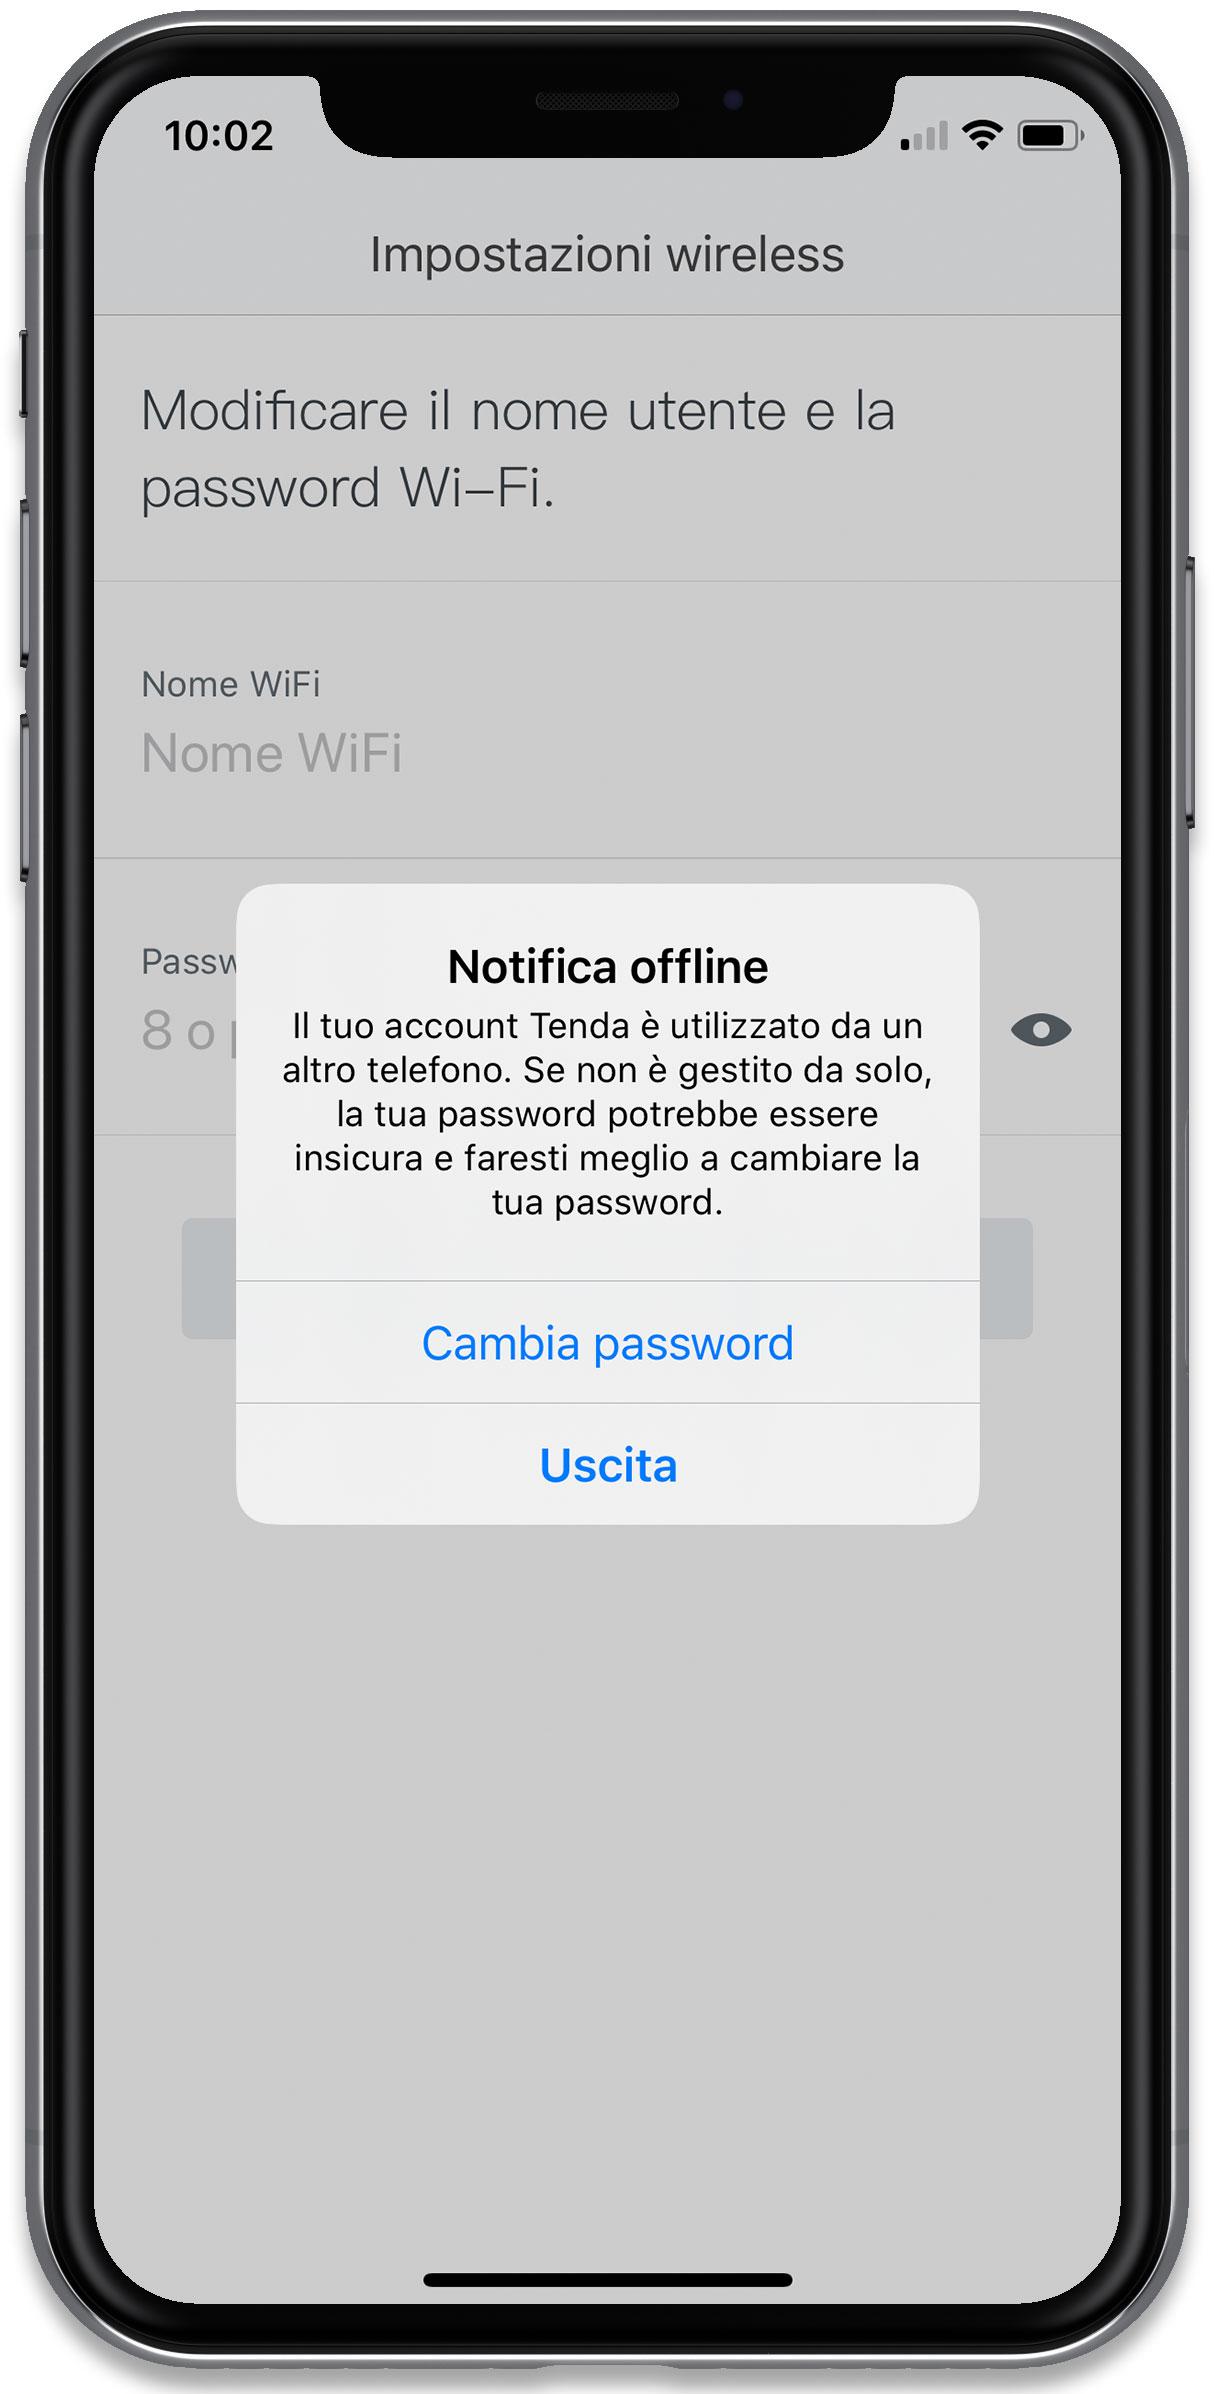 """Disabili DOC – """"Speciale Tenda Nova MW6"""" – Il sistema vi avvisa se il vostro account è in uso su più dispositivi, nel caso specifico lo era su un iPhone e un iPad"""